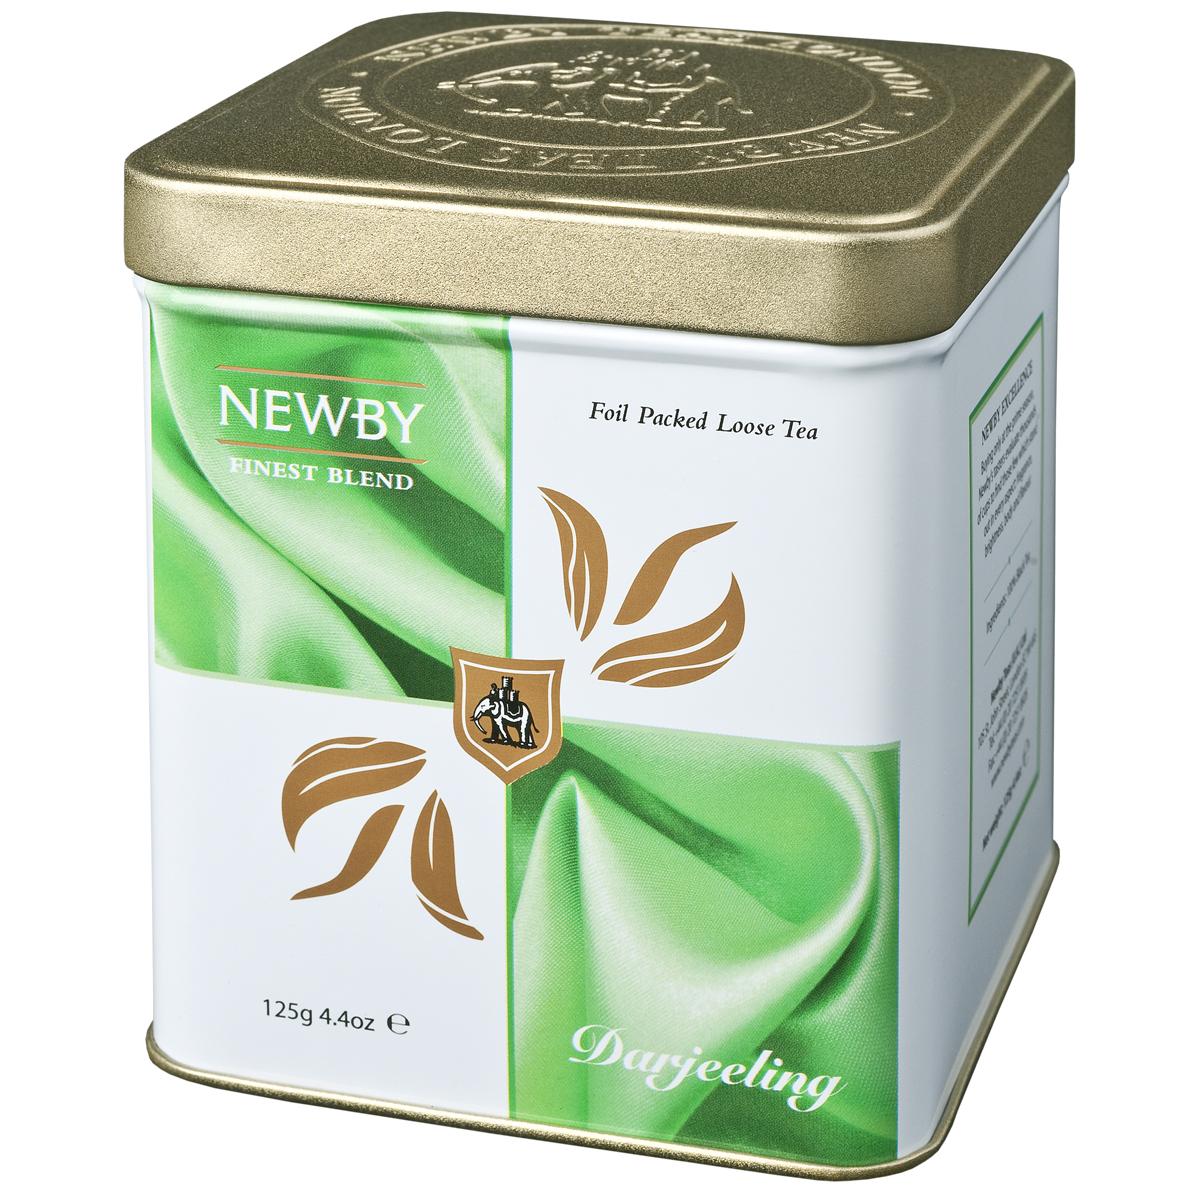 Newby Darjeeling черный листовой чай, 125 г0120710Чай Newby Darjeeling получил название шампанского среди чаев. Серебристые типсы с зеленоватыми листьями, светло-янтарный настой, цветочный аромат и немного вяжущий мускатный привкус.